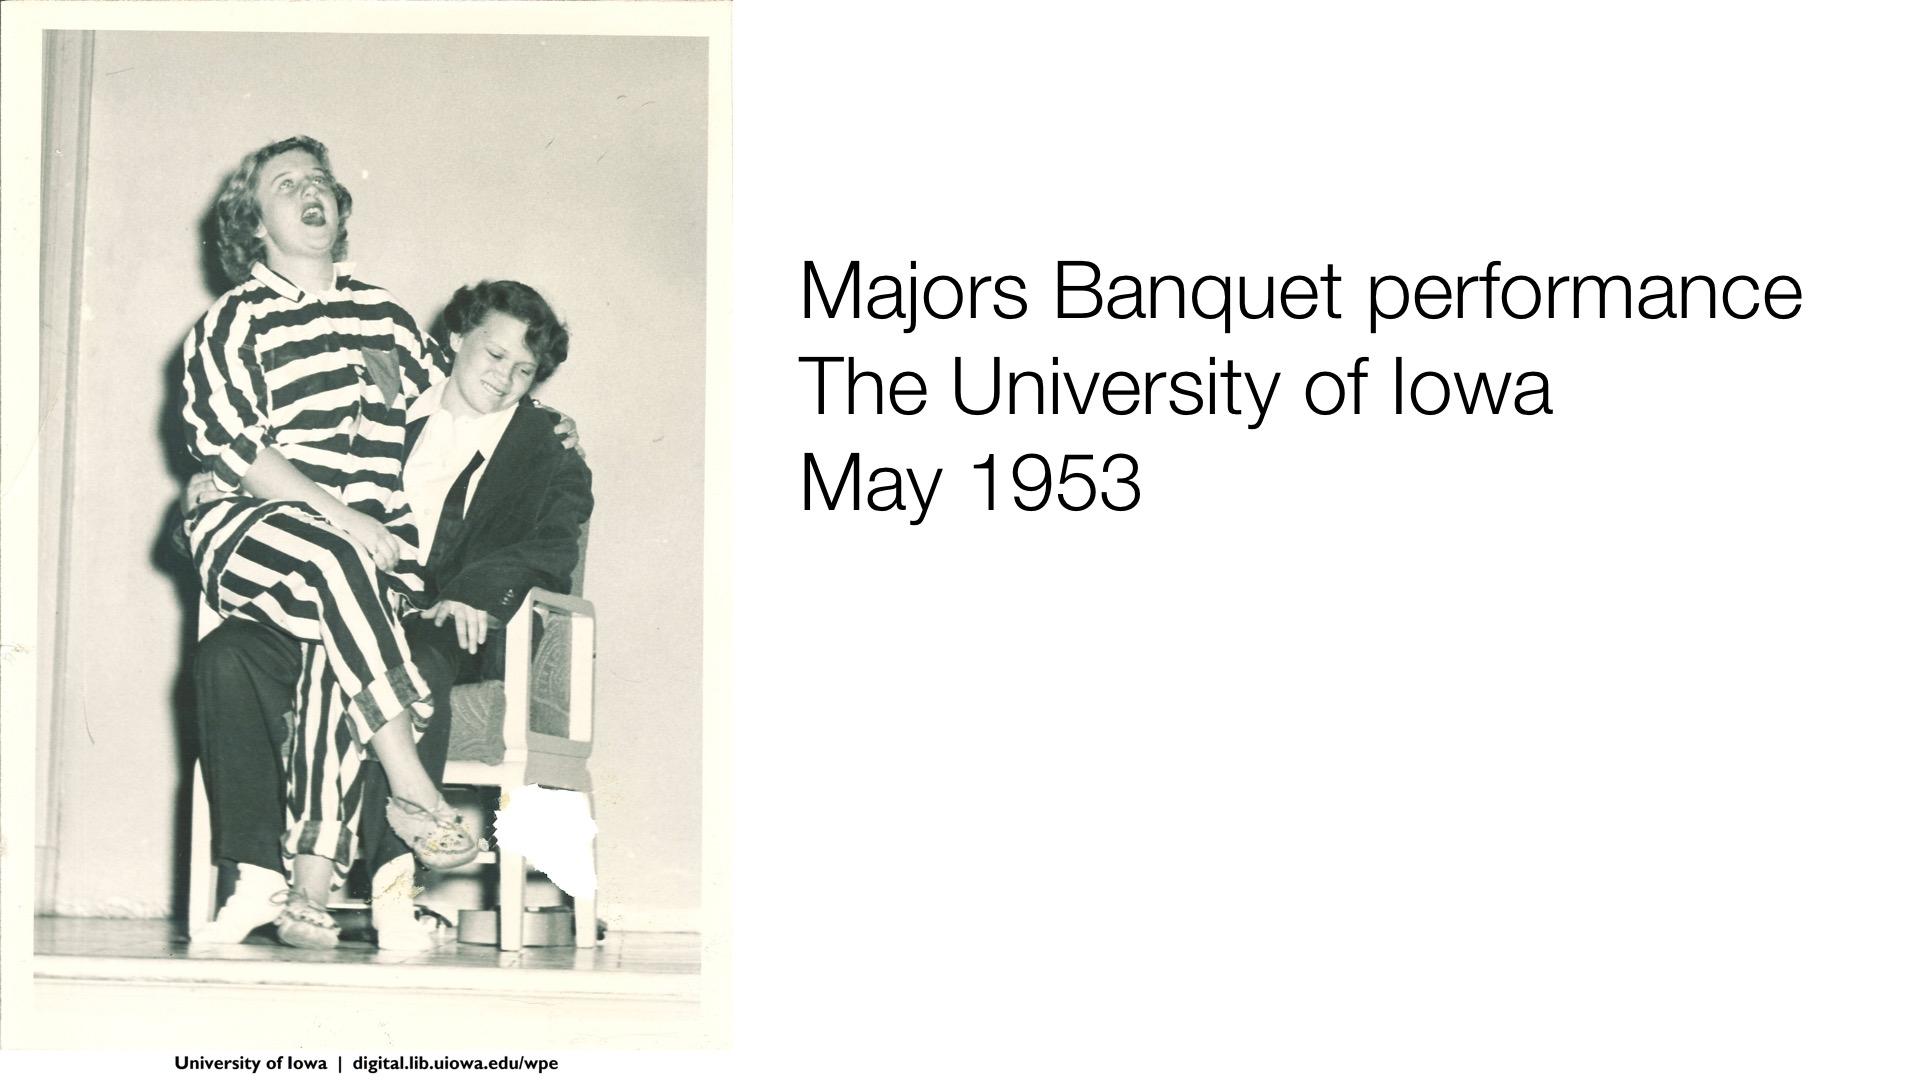 Majors Banquet performance, May 1953